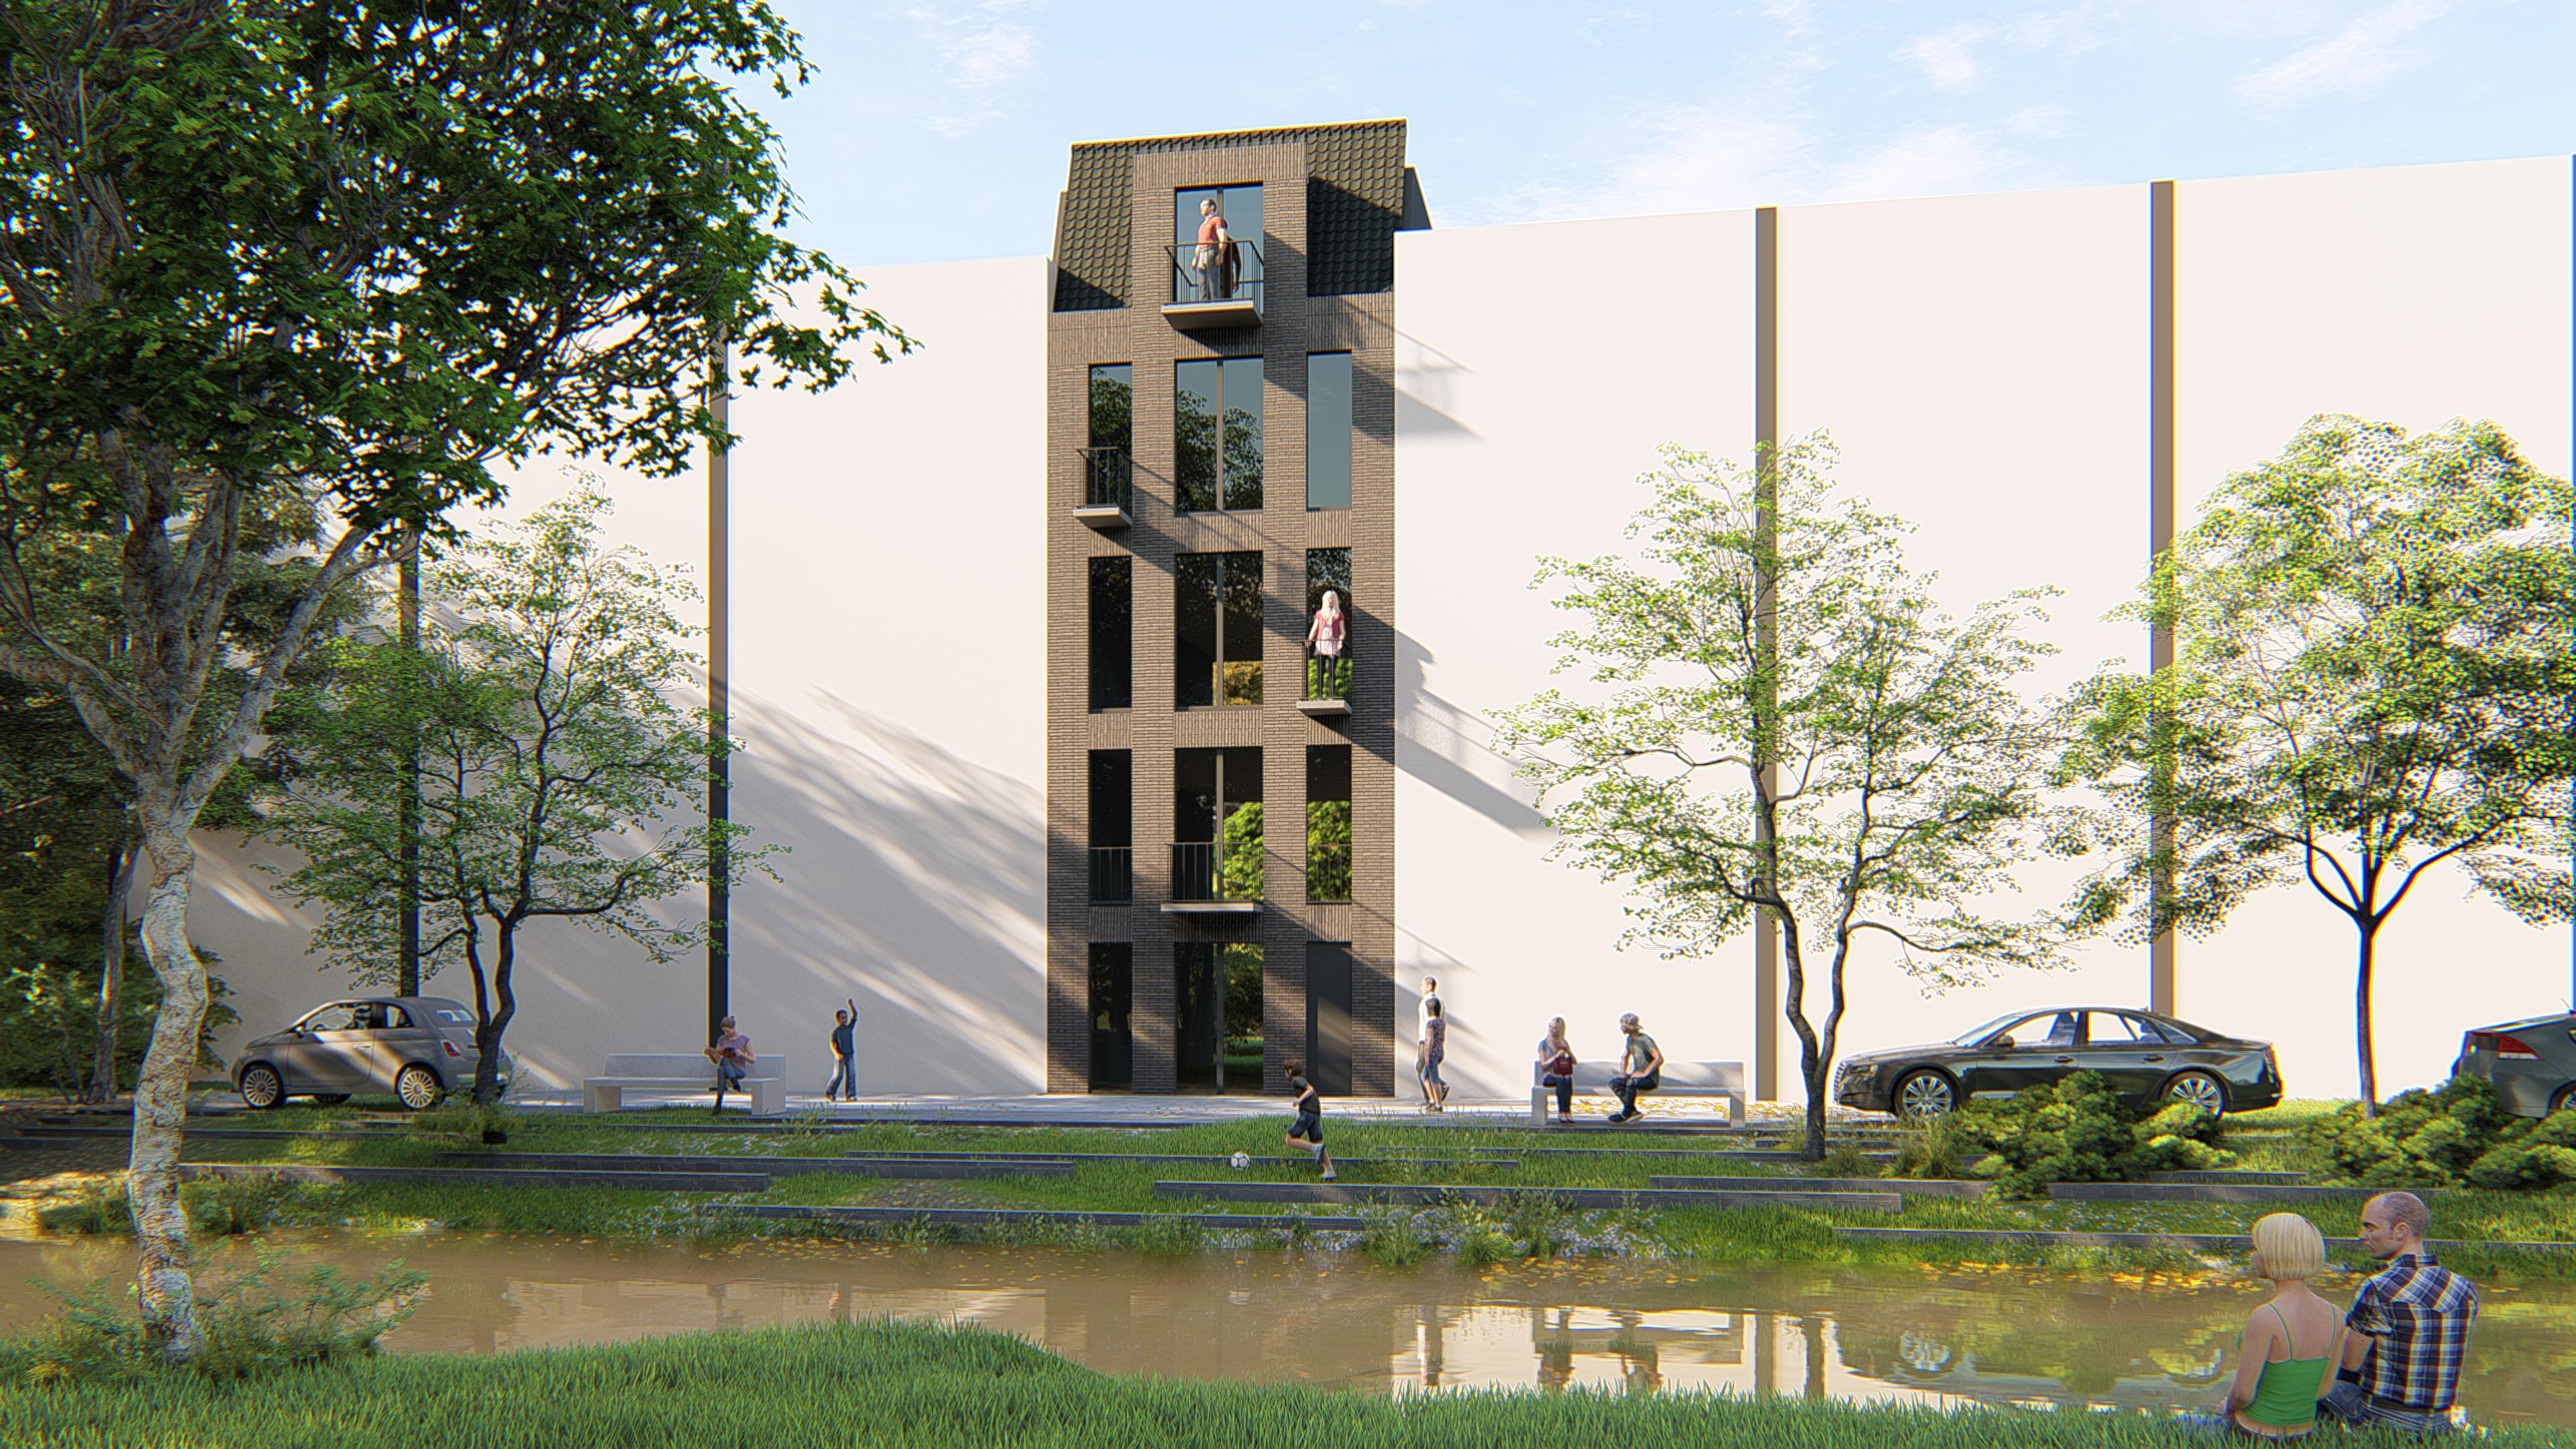 Trekvlietzone - ik bouw in Den Haag